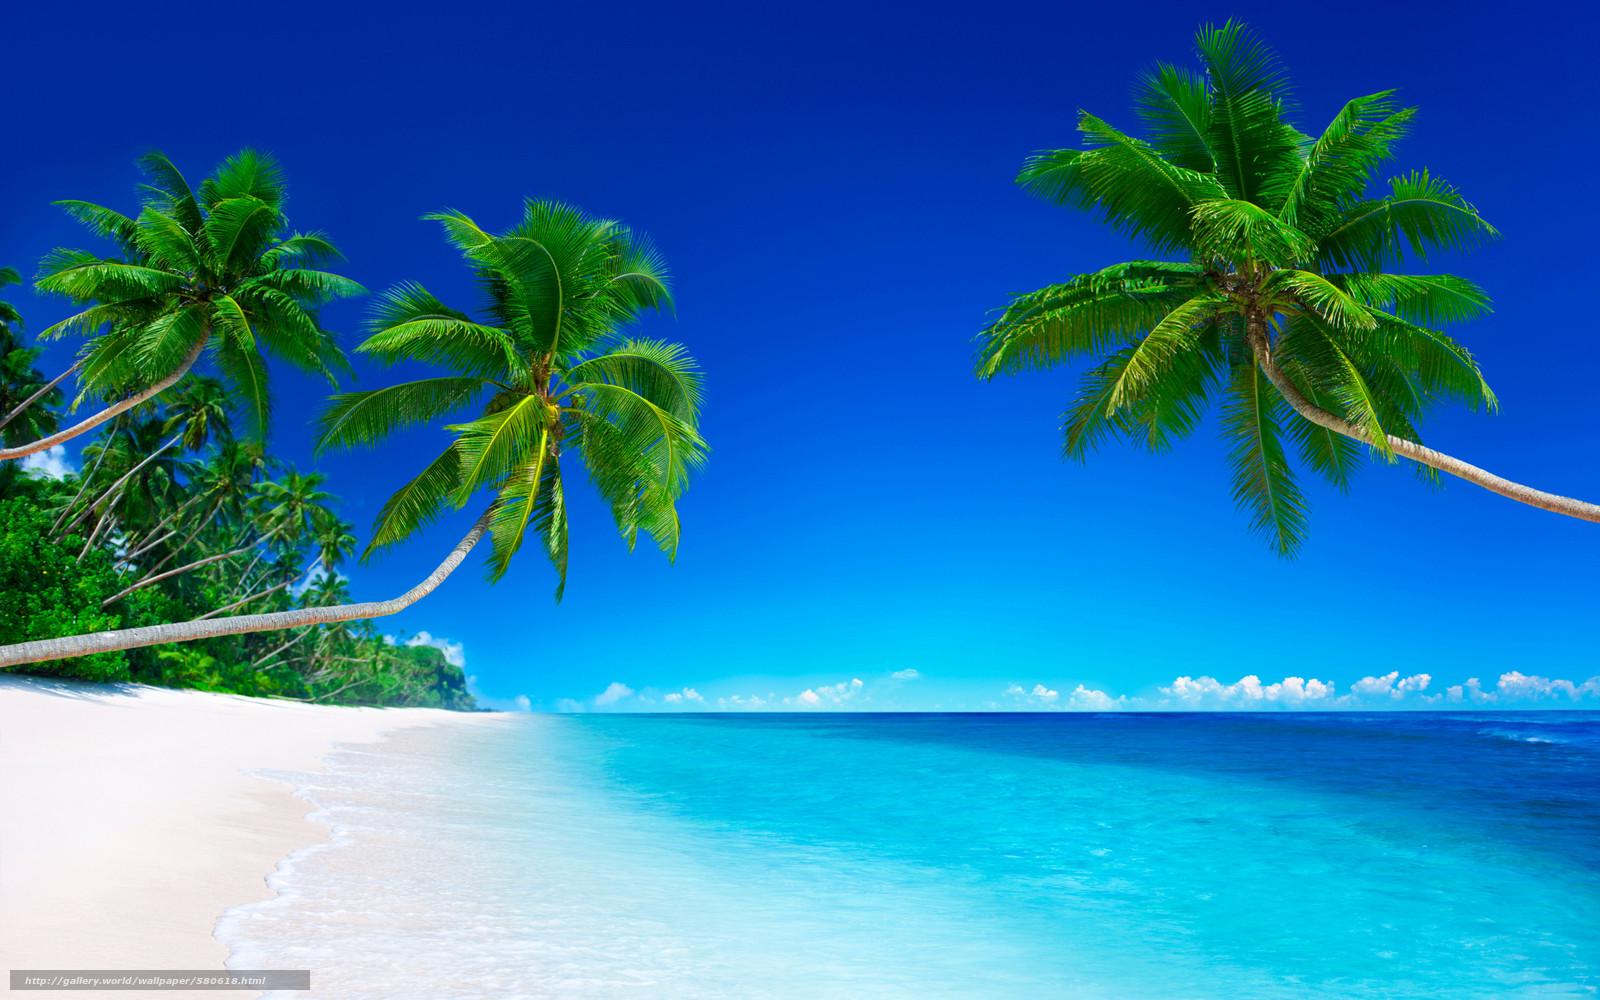 Scaricare gli sfondi palm beach mare puntellare palme for Desktop gratis mare